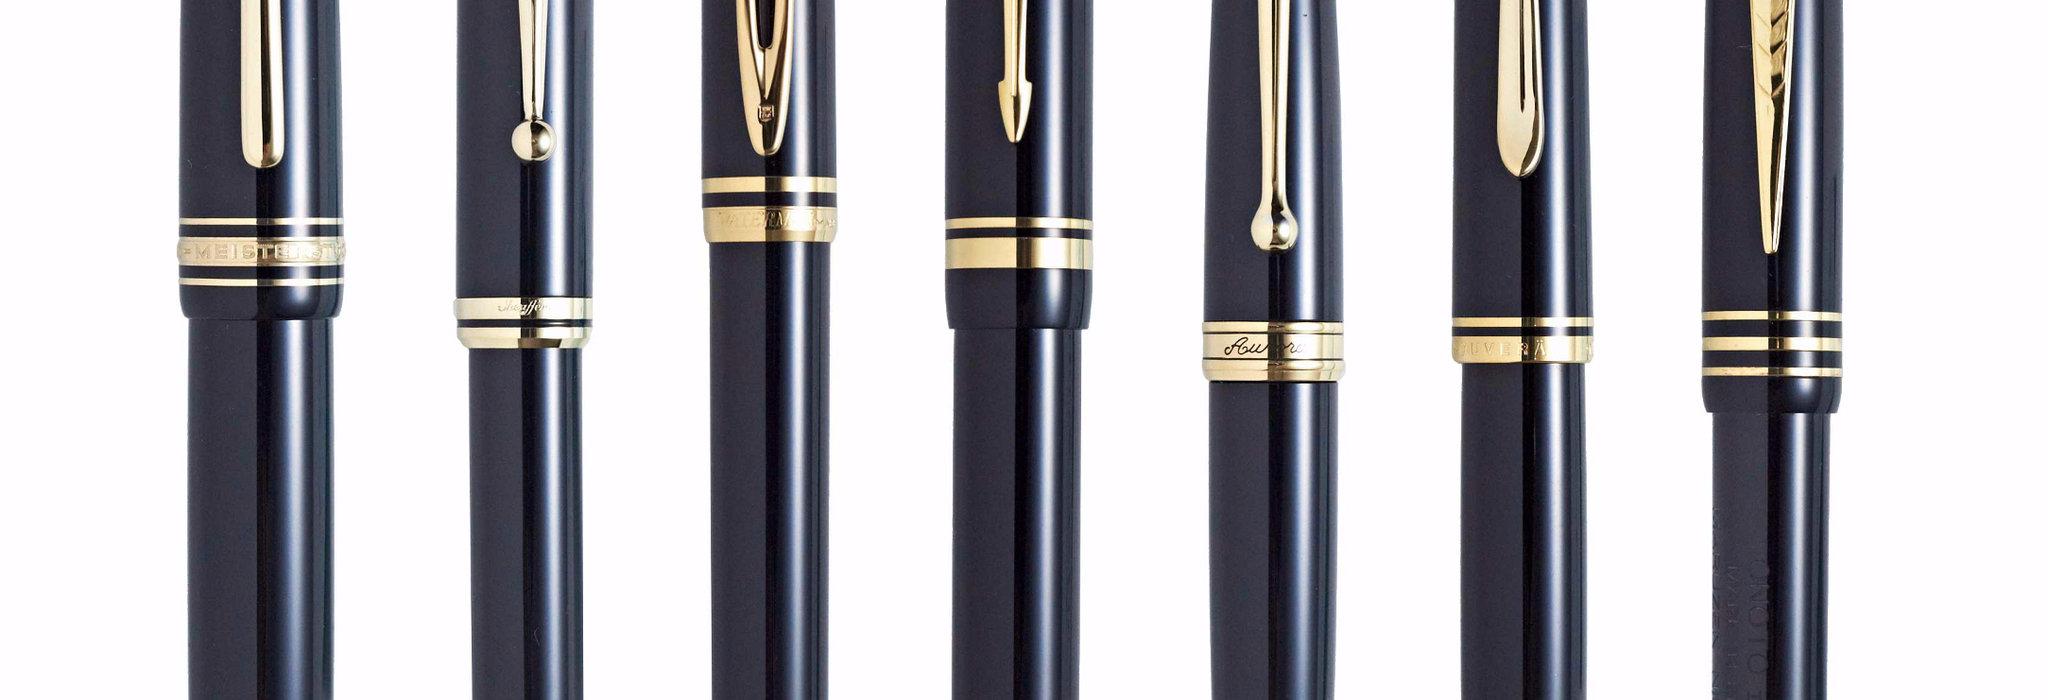 万年筆の原点である黒×金の仏壇万年筆を比較分析!_image